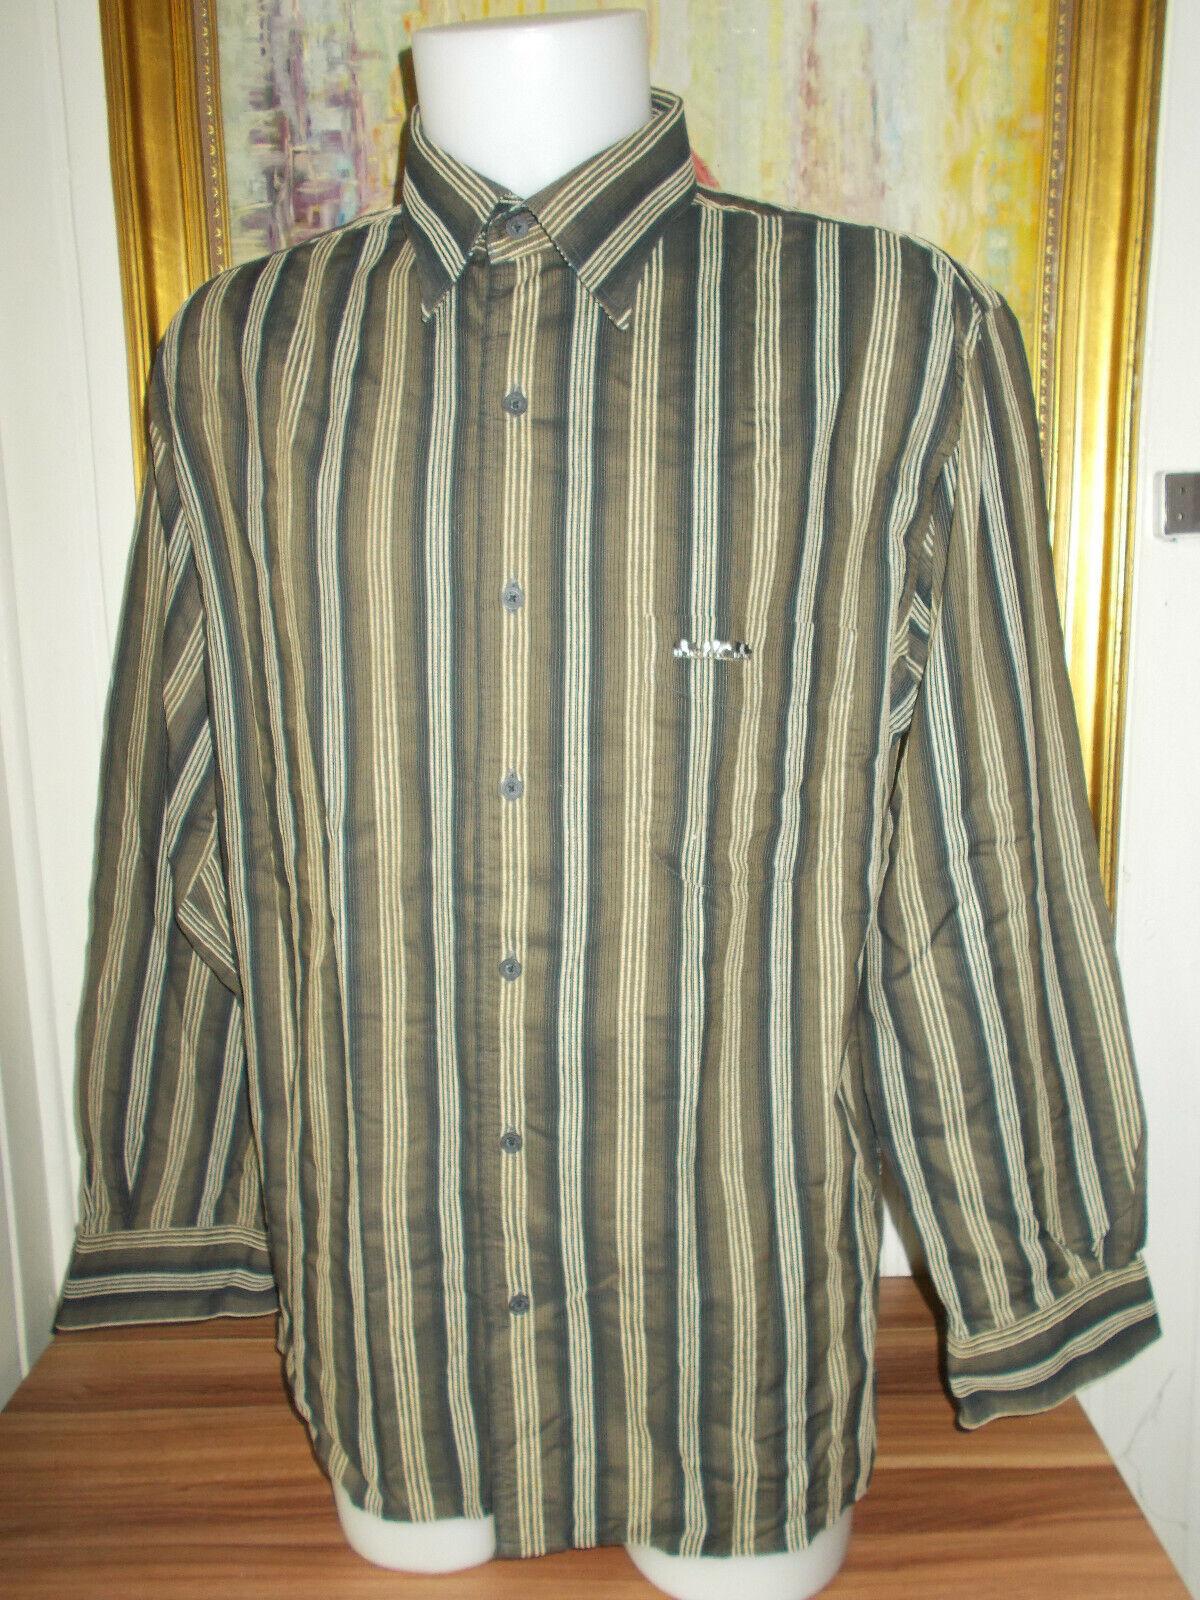 Chemise manche longue coton beige rayé marron/gris  mise au green xl /44